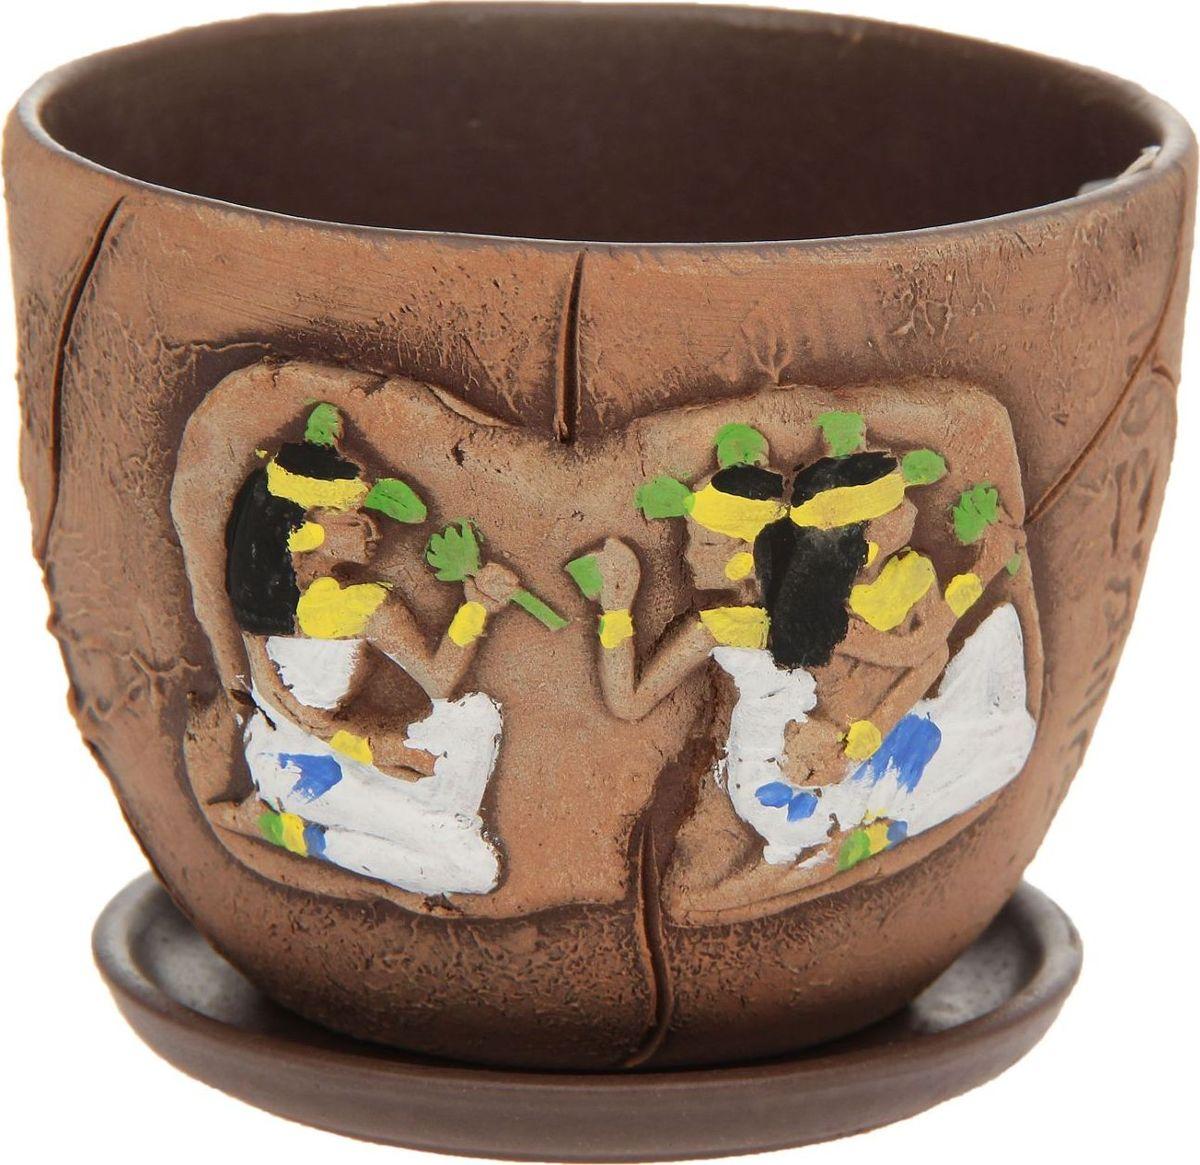 Декоративное кашпо, выполненное из высококачественной керамики, предназначено для посадки декоративных растений и станет прекрасным украшением для дома. Благодаря своему дизайну впишется в любой интерьер помещения.